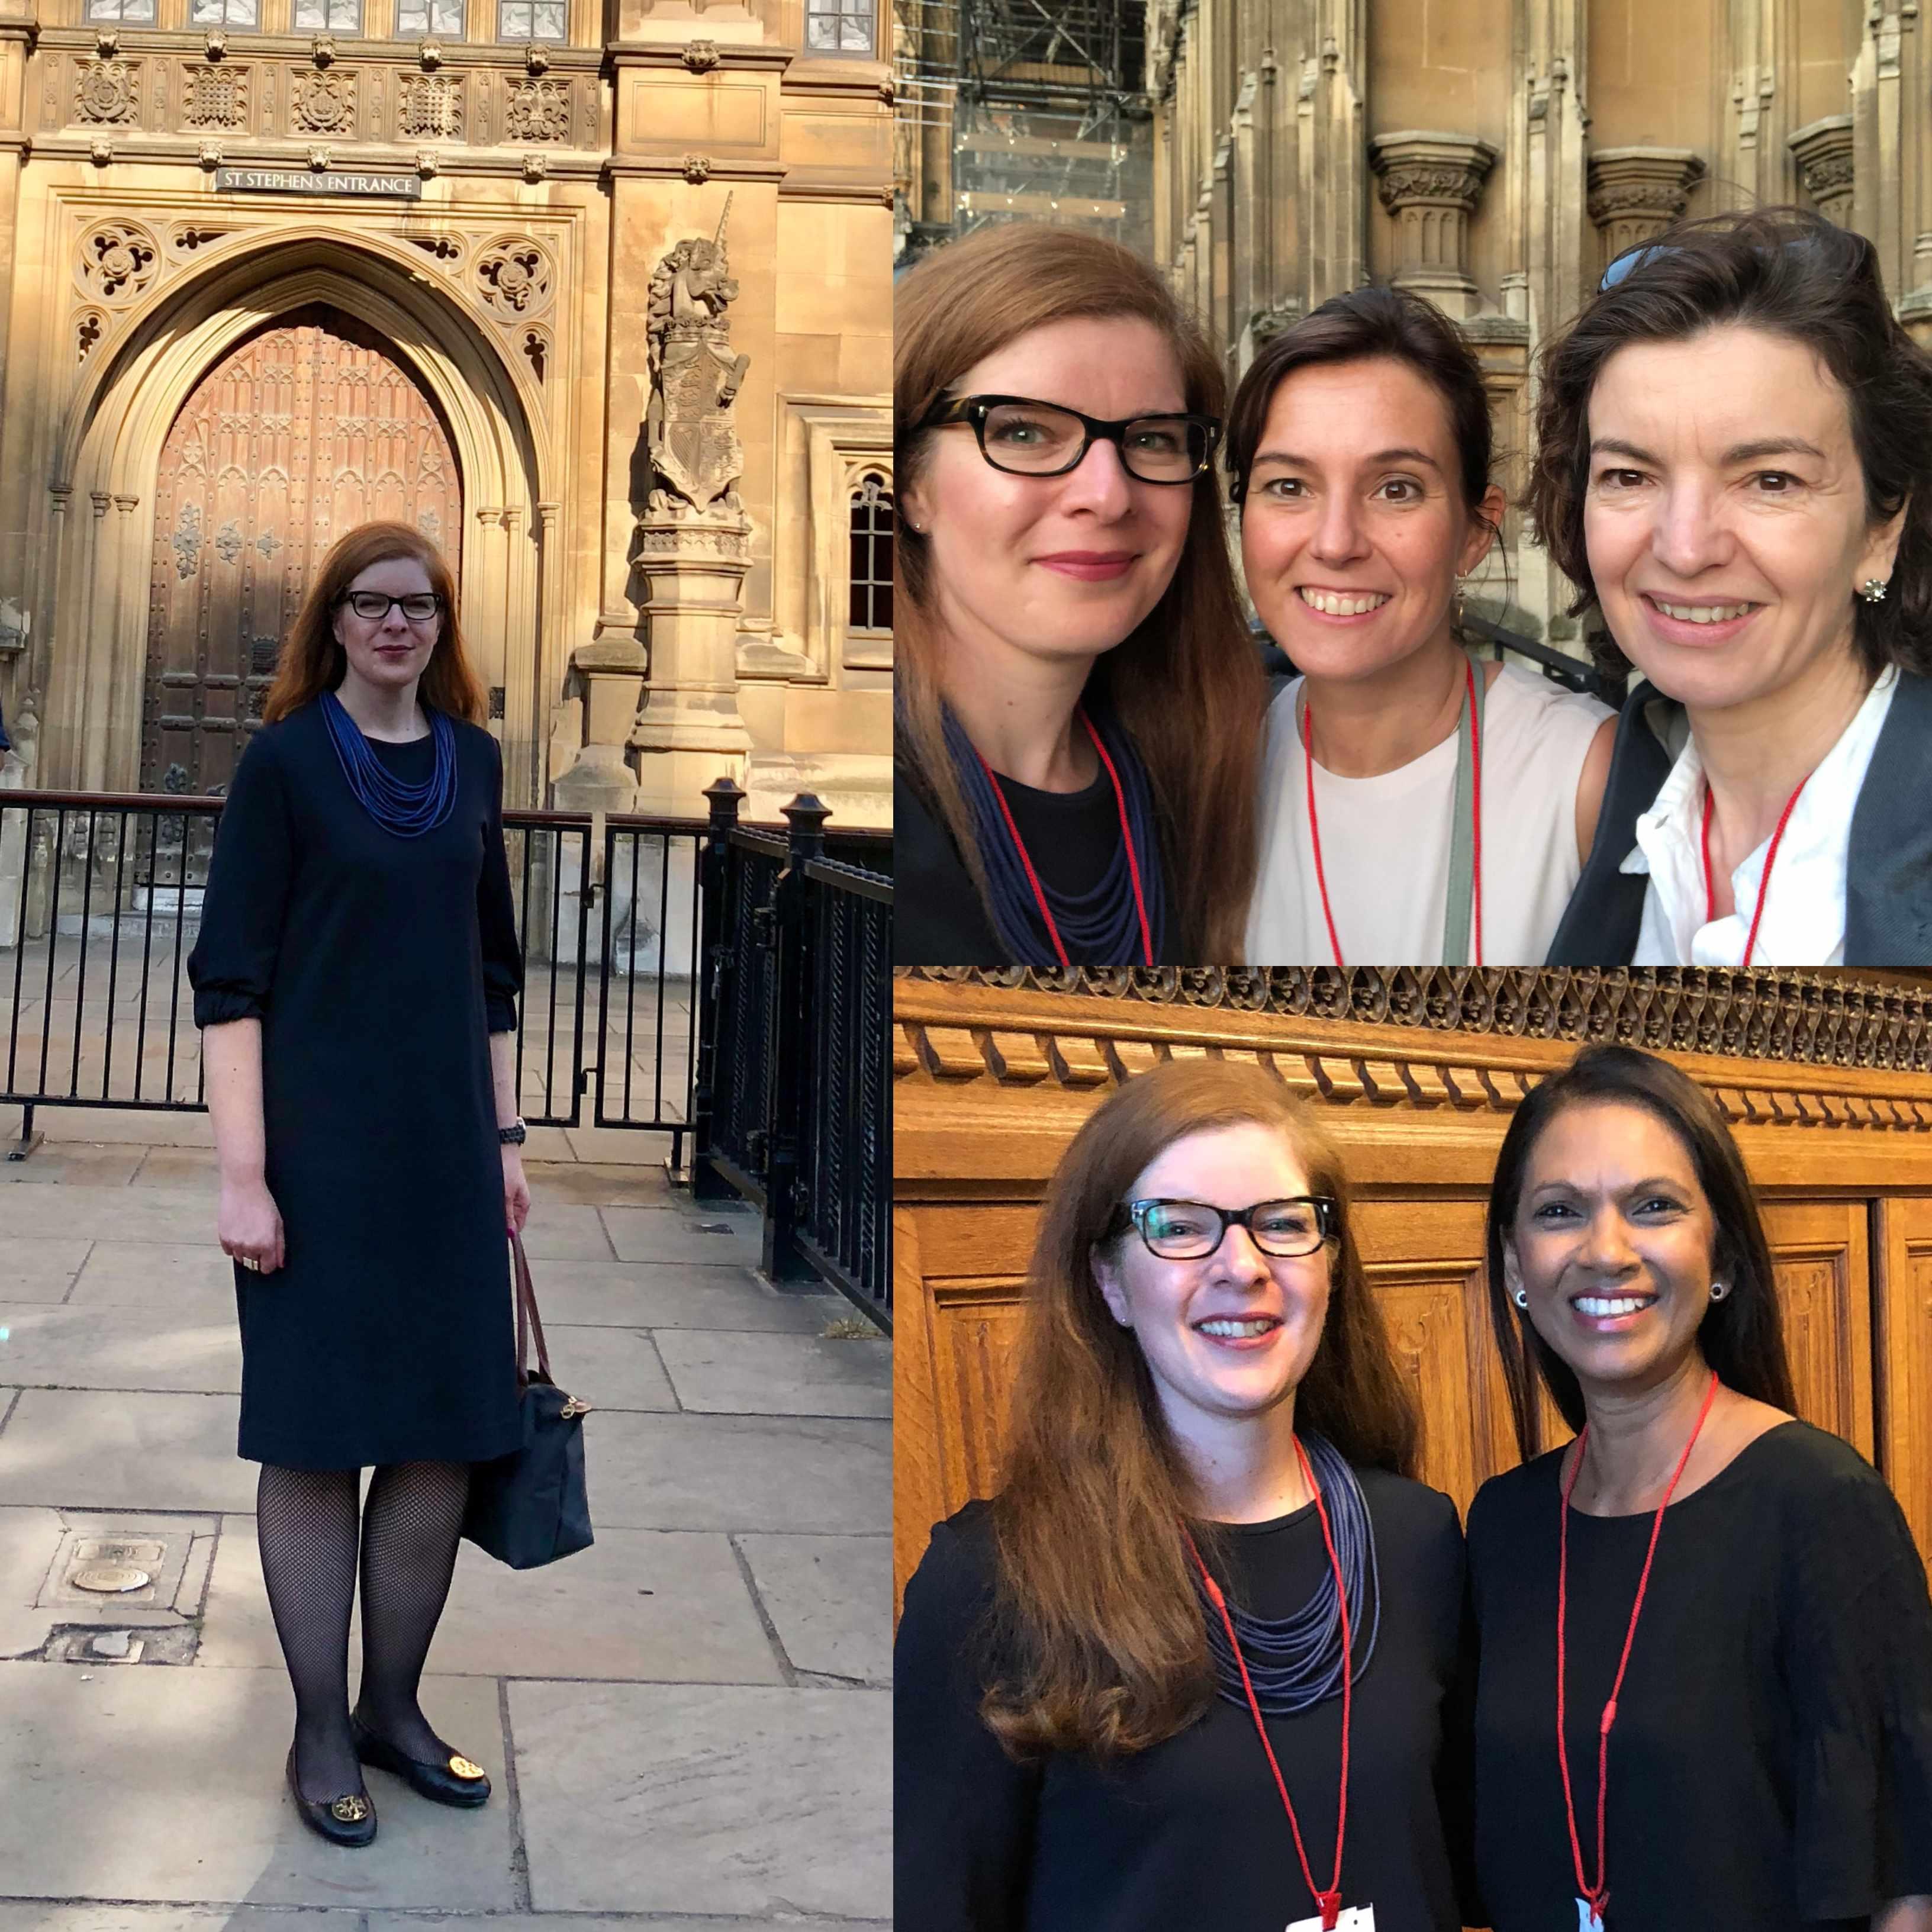 Rede im Britischen Parlament Kleidung Mode IKNMLO Bloggerin Tanja Brexit